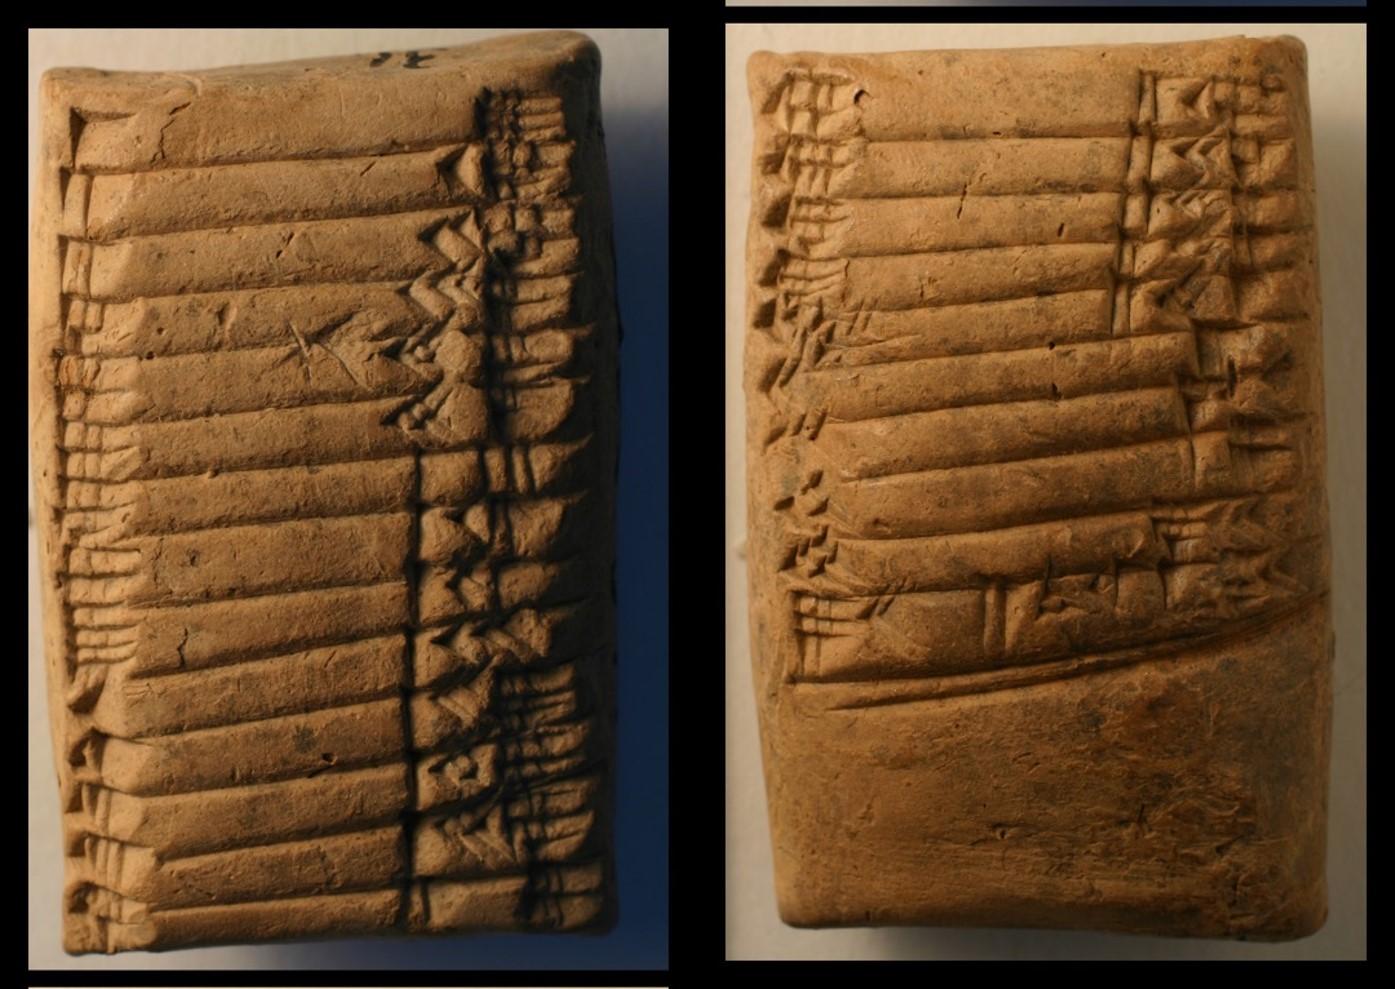 Cuaderno de Cultura Científica | Laboratorium Bergara Zientzia Museoa